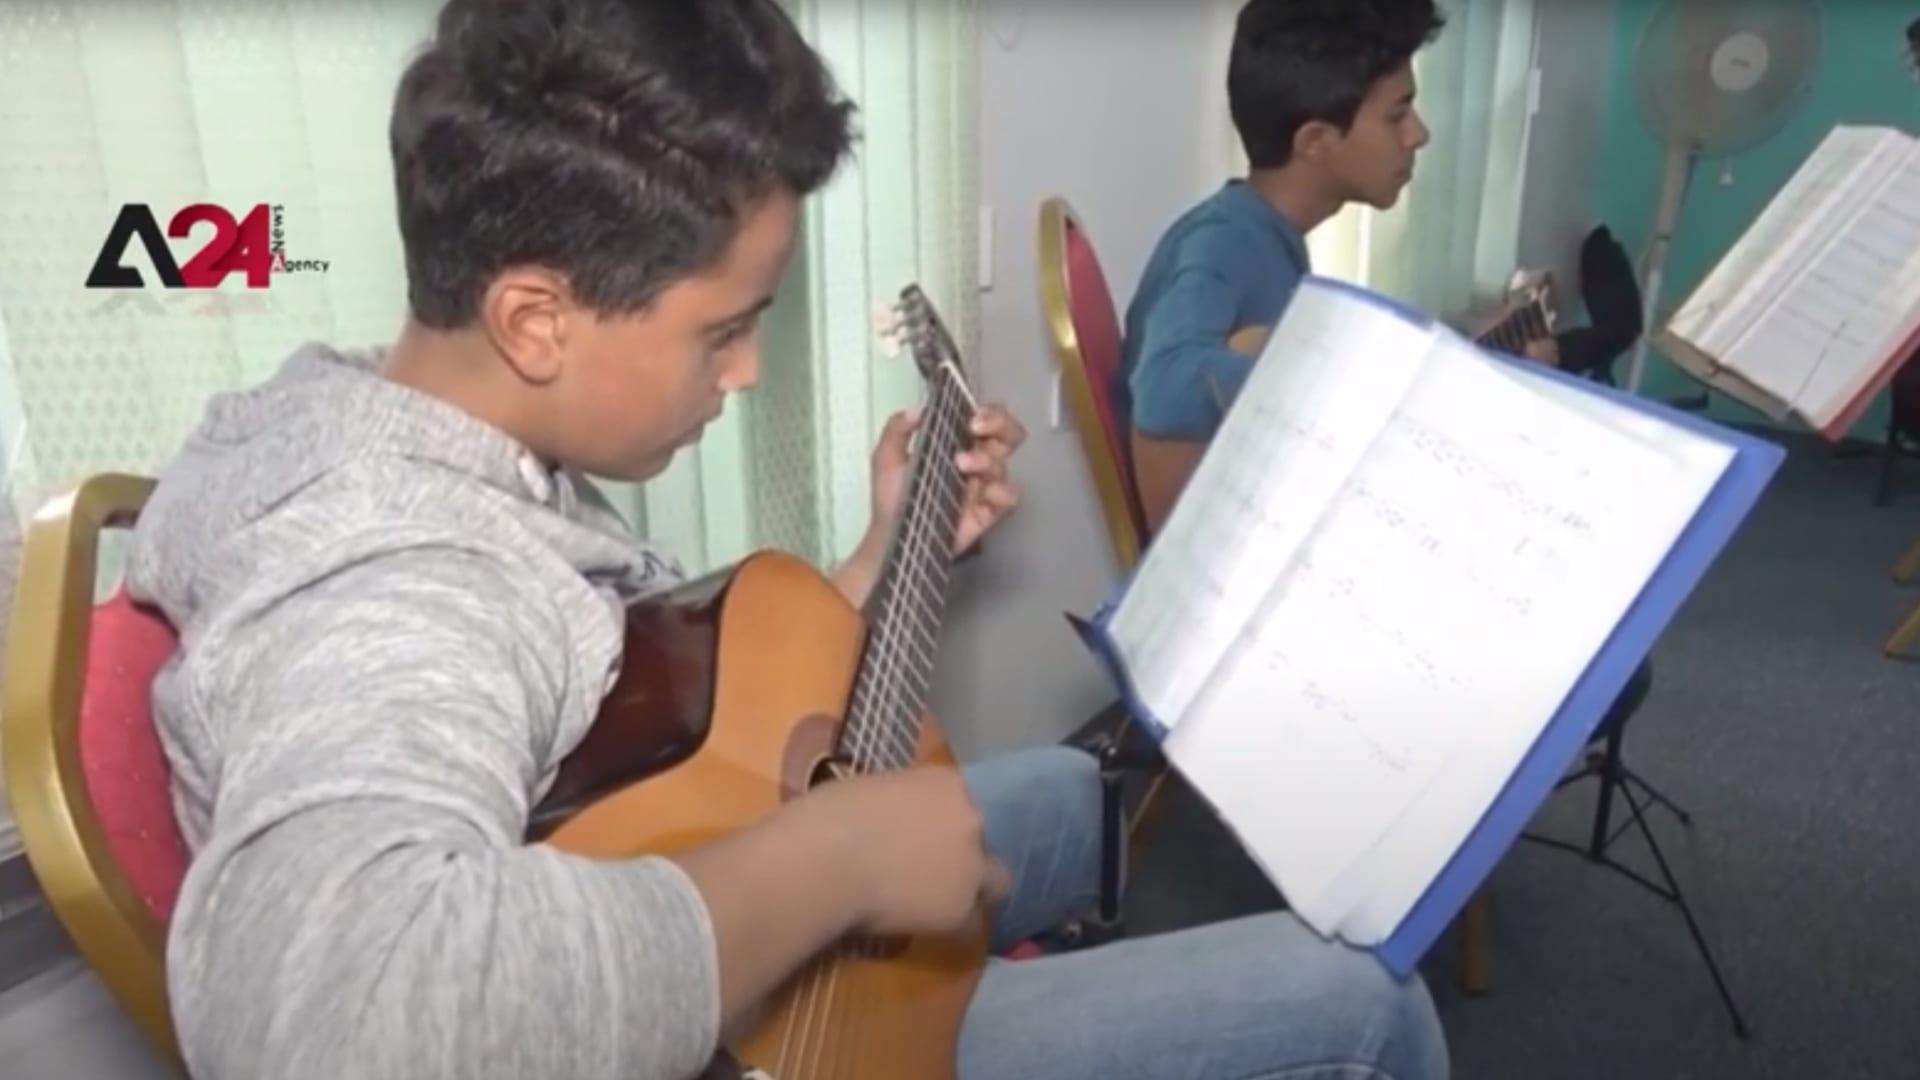 رغم كورونا.. الموسيقى وسط ركام الحرب في اليمن